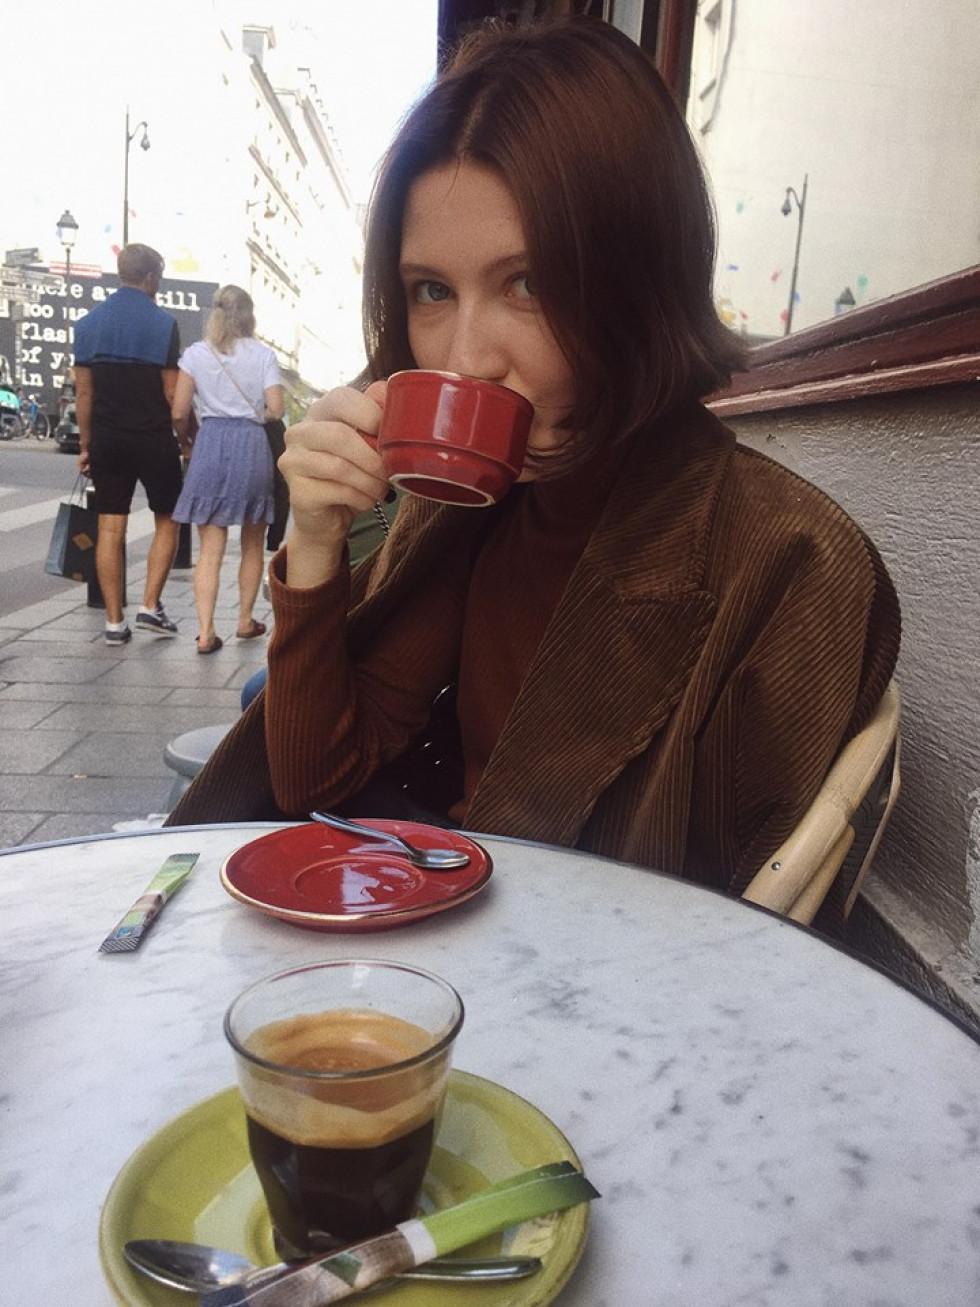 Навчання за кордоном дало Катерині можливість вийти із зони комфорту